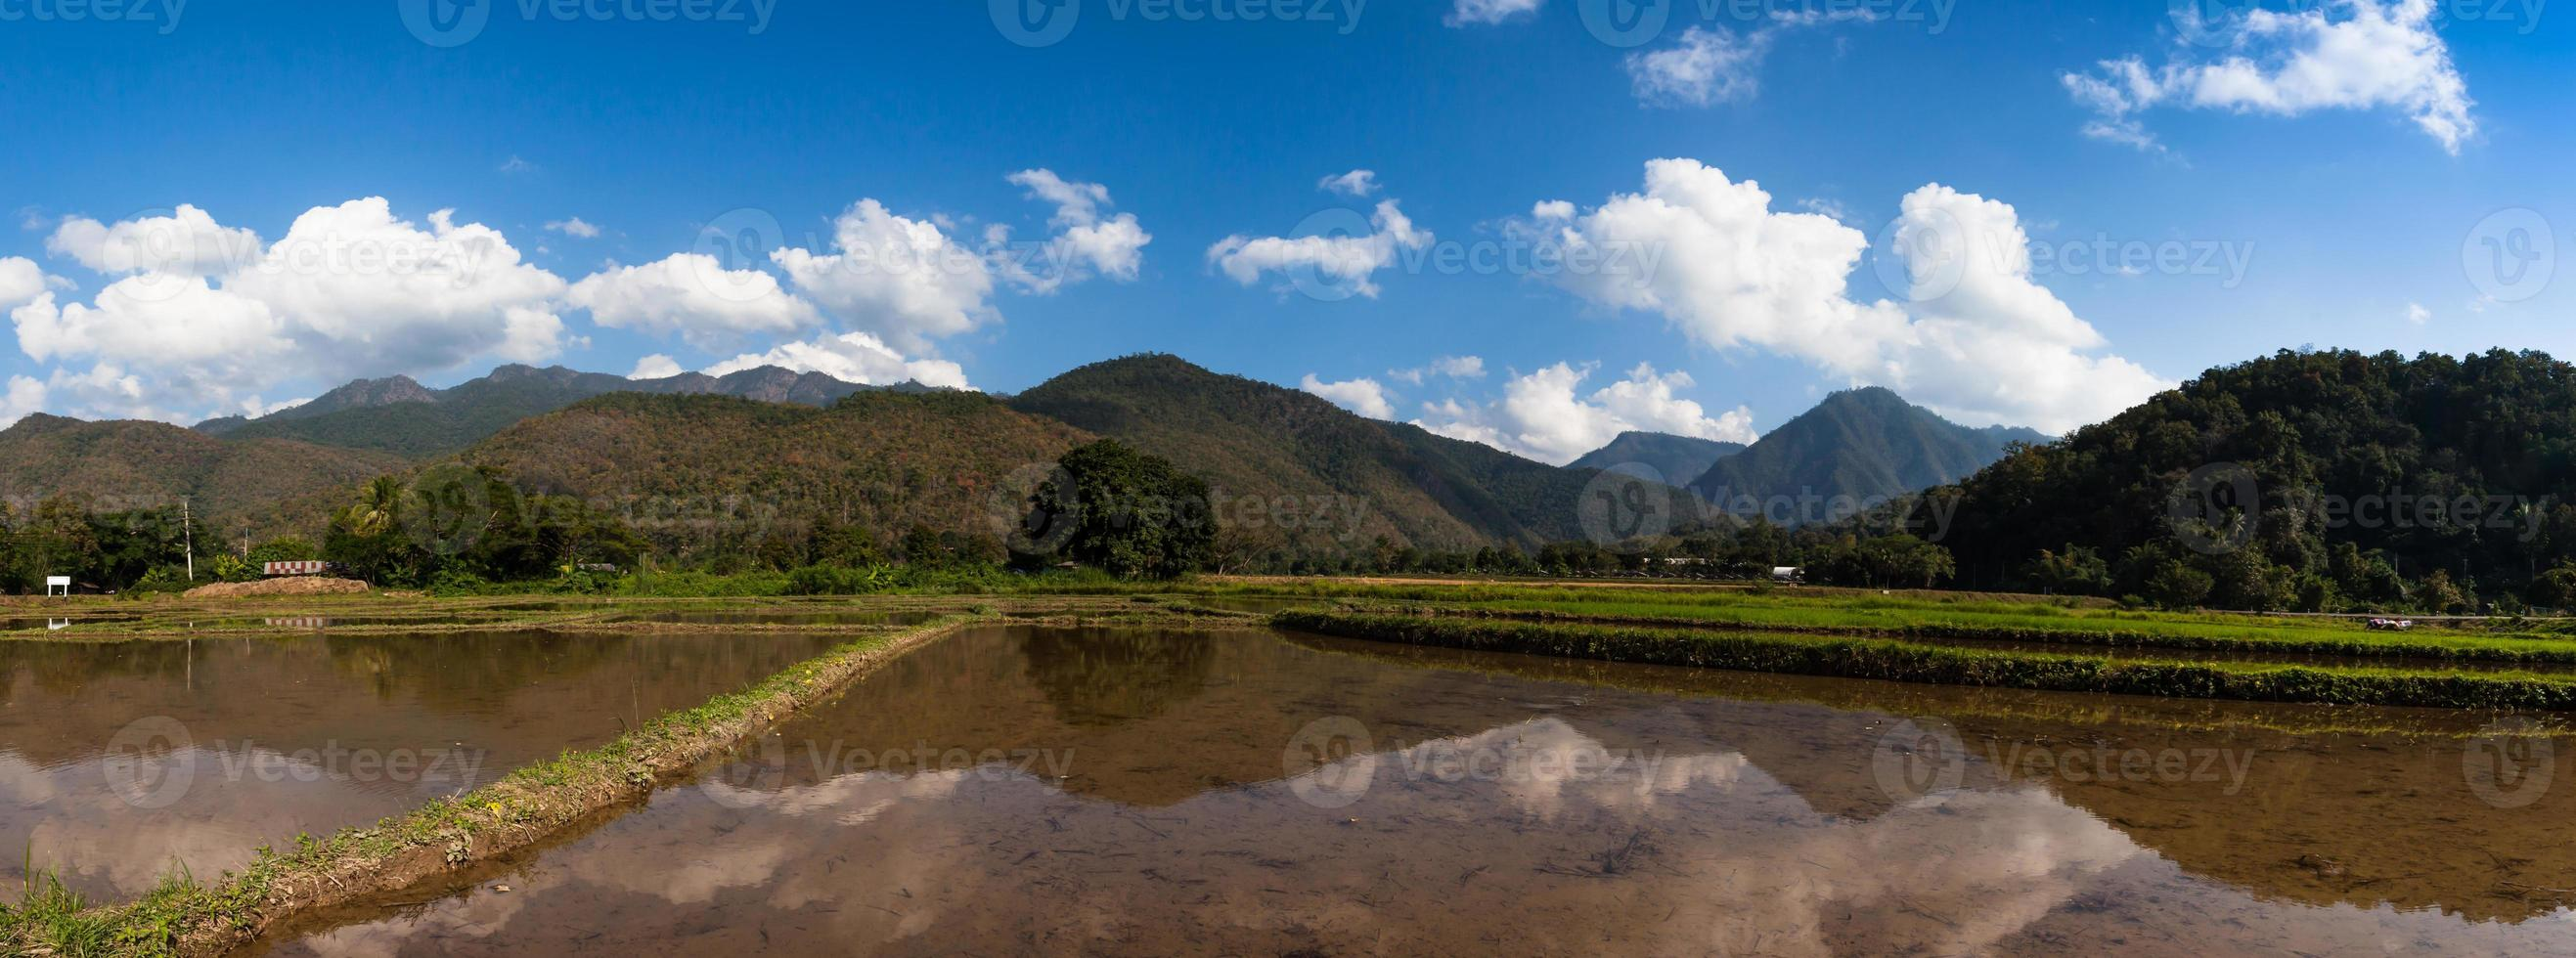 bergen en lucht weerspiegeld in water foto